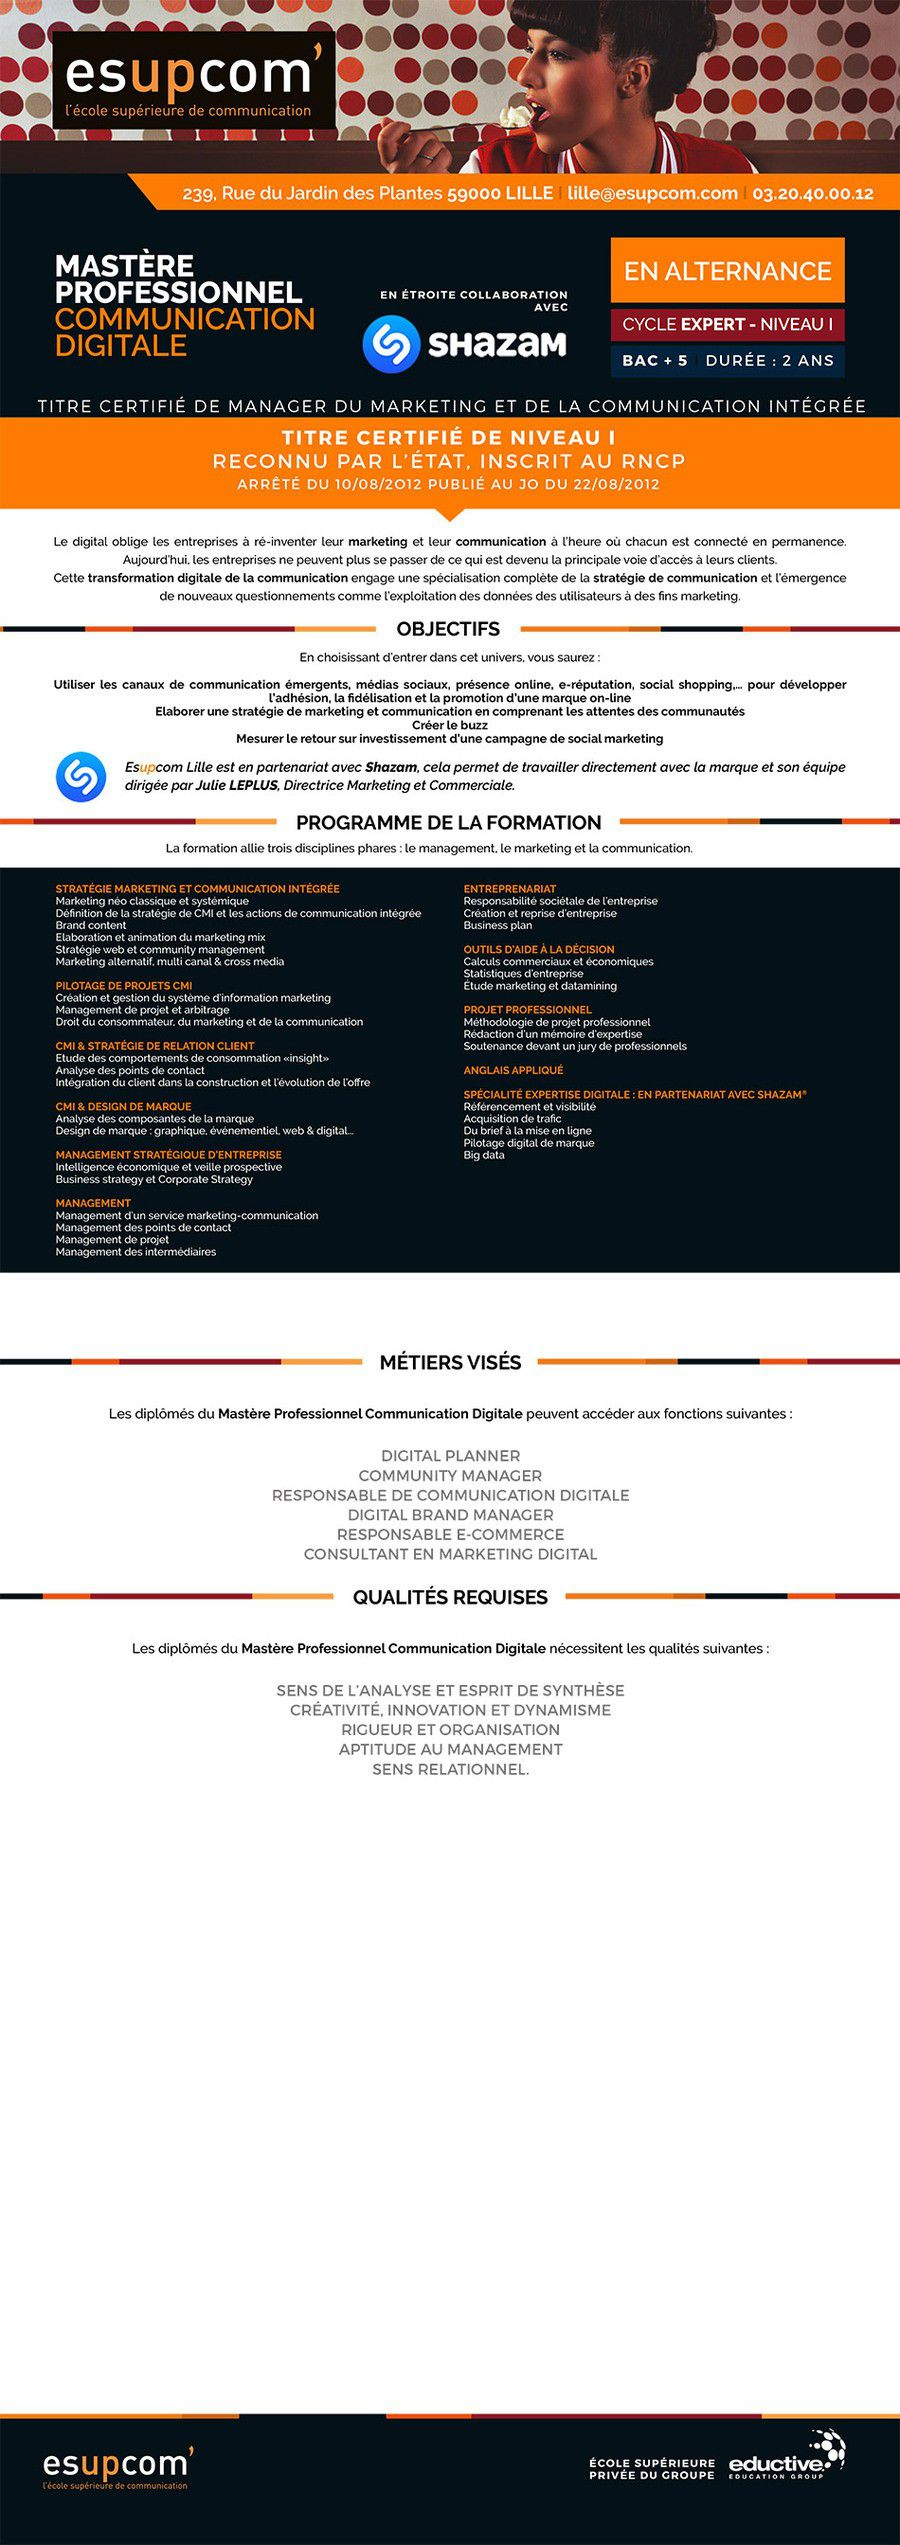 MASTÈRE PROFESSIONNEL COMMUNICATION DIGITALE